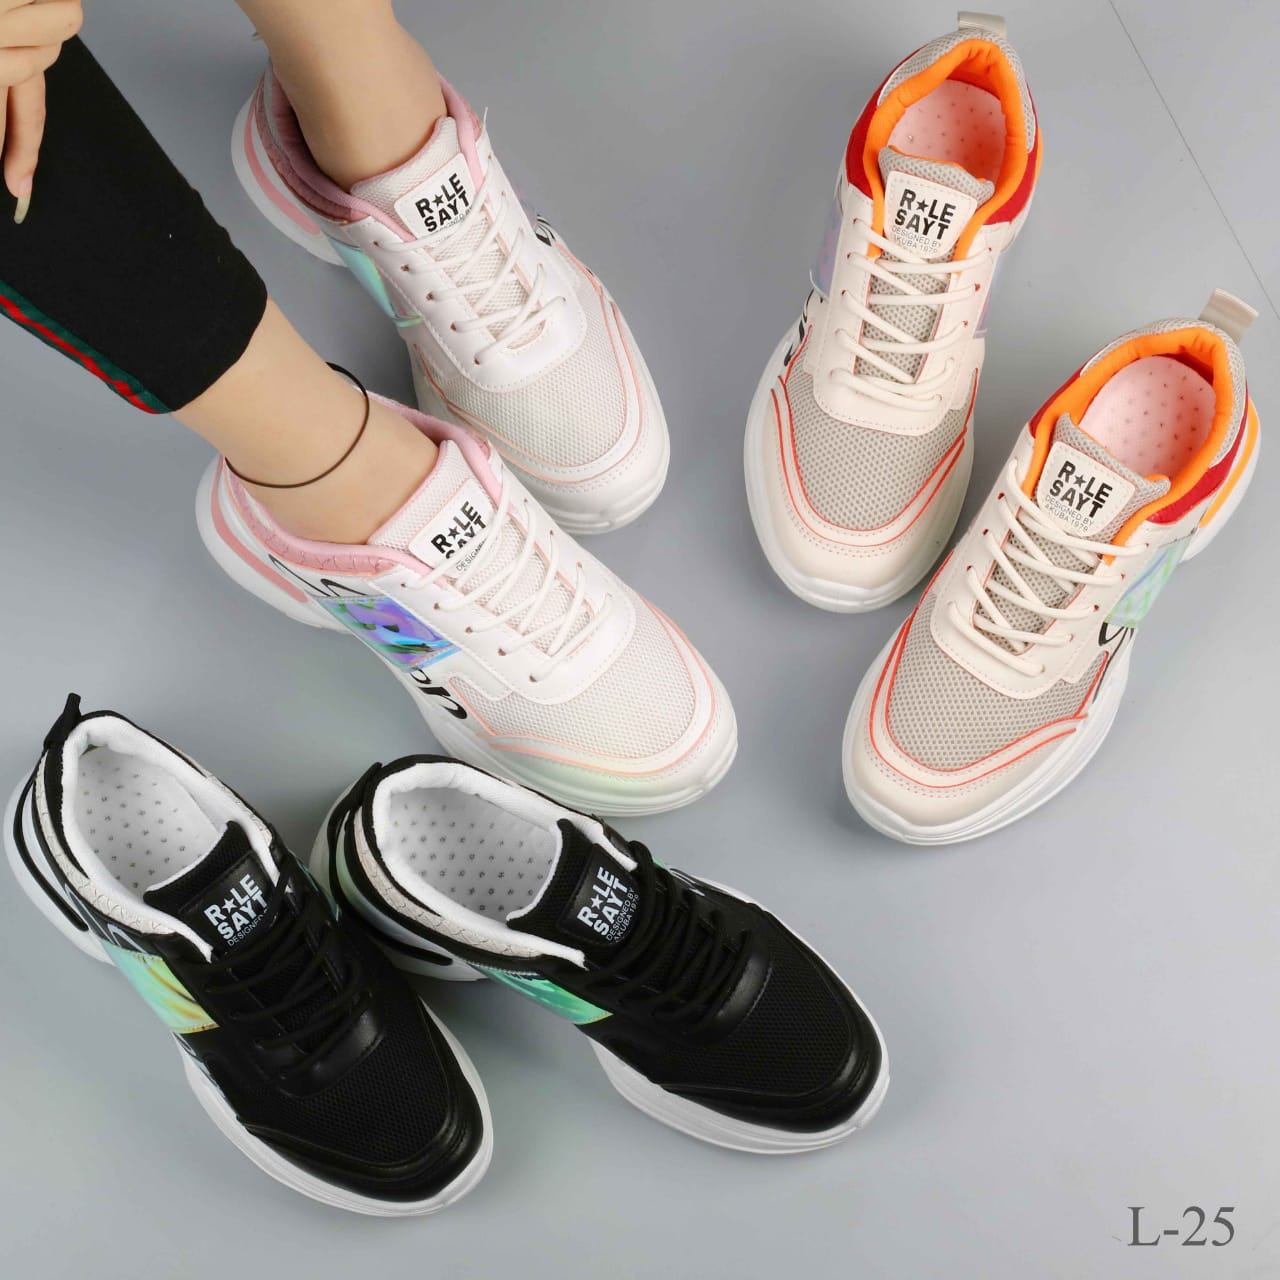 jual sepatu wanita 2020L25PNjual sepatu sneaker lokal,jual sepatu sneaker ardiles,jual sepatu sneaker original